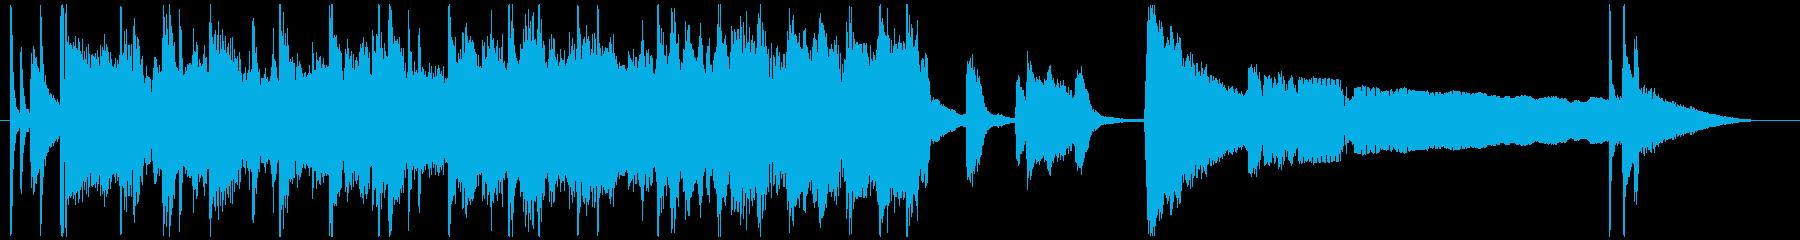 ゴキゲンなジャズのエンディング用ジングルの再生済みの波形